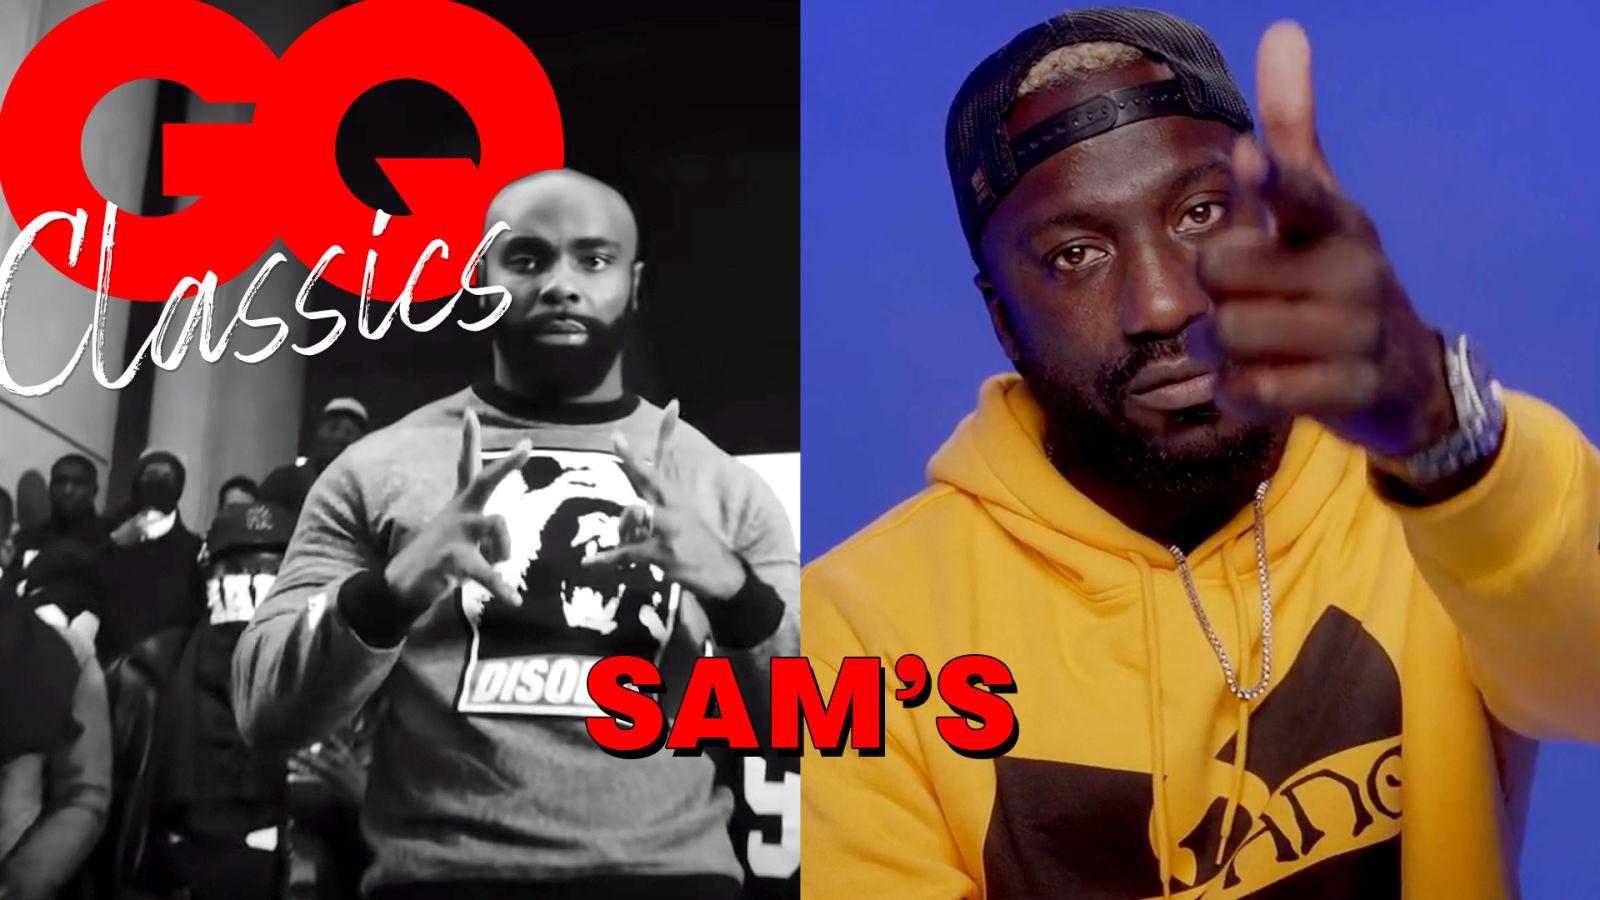 Sam's juge les classiques du rap français : PNL, Kaaris, Ideal J